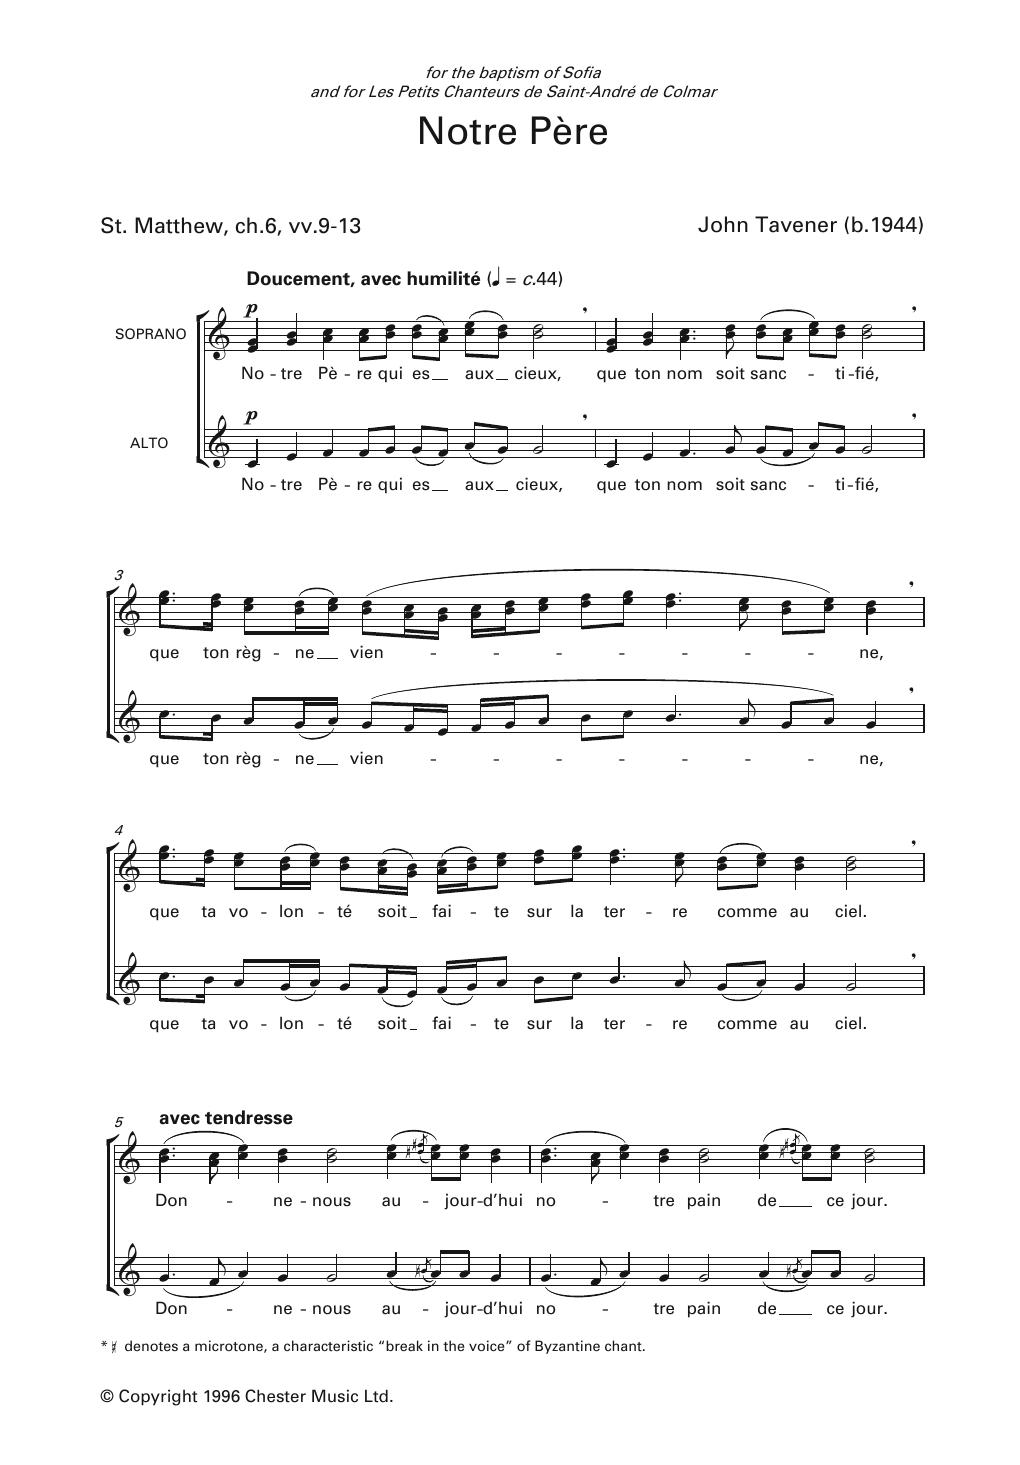 Notre Père Chanté Nouvelle Version : notre, père, chanté, nouvelle, version, Notre, Partitions, Tavener, Choeur